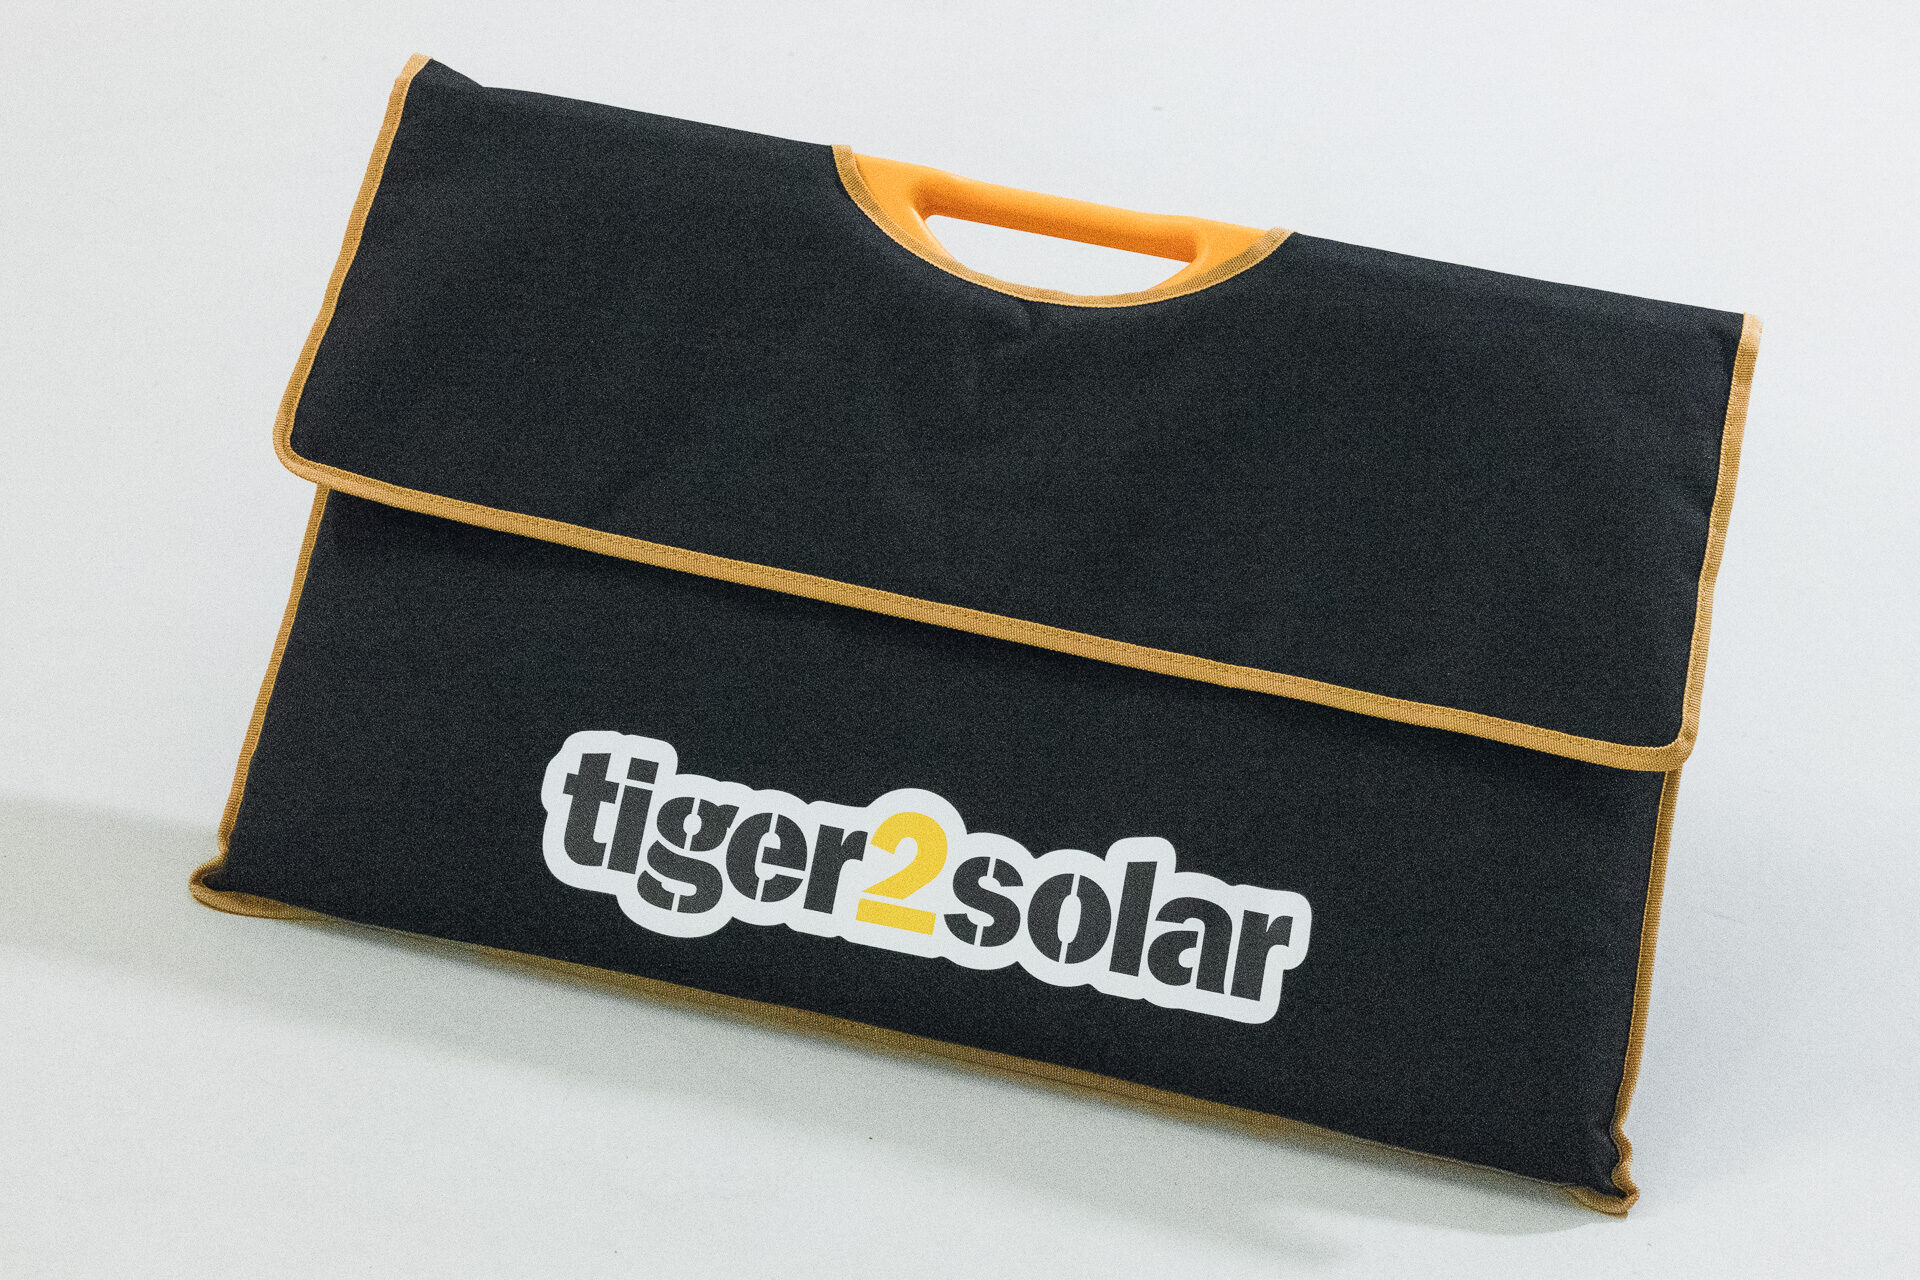 Version 02, mit USB-Anschluss, Solartasche von Tigerexped